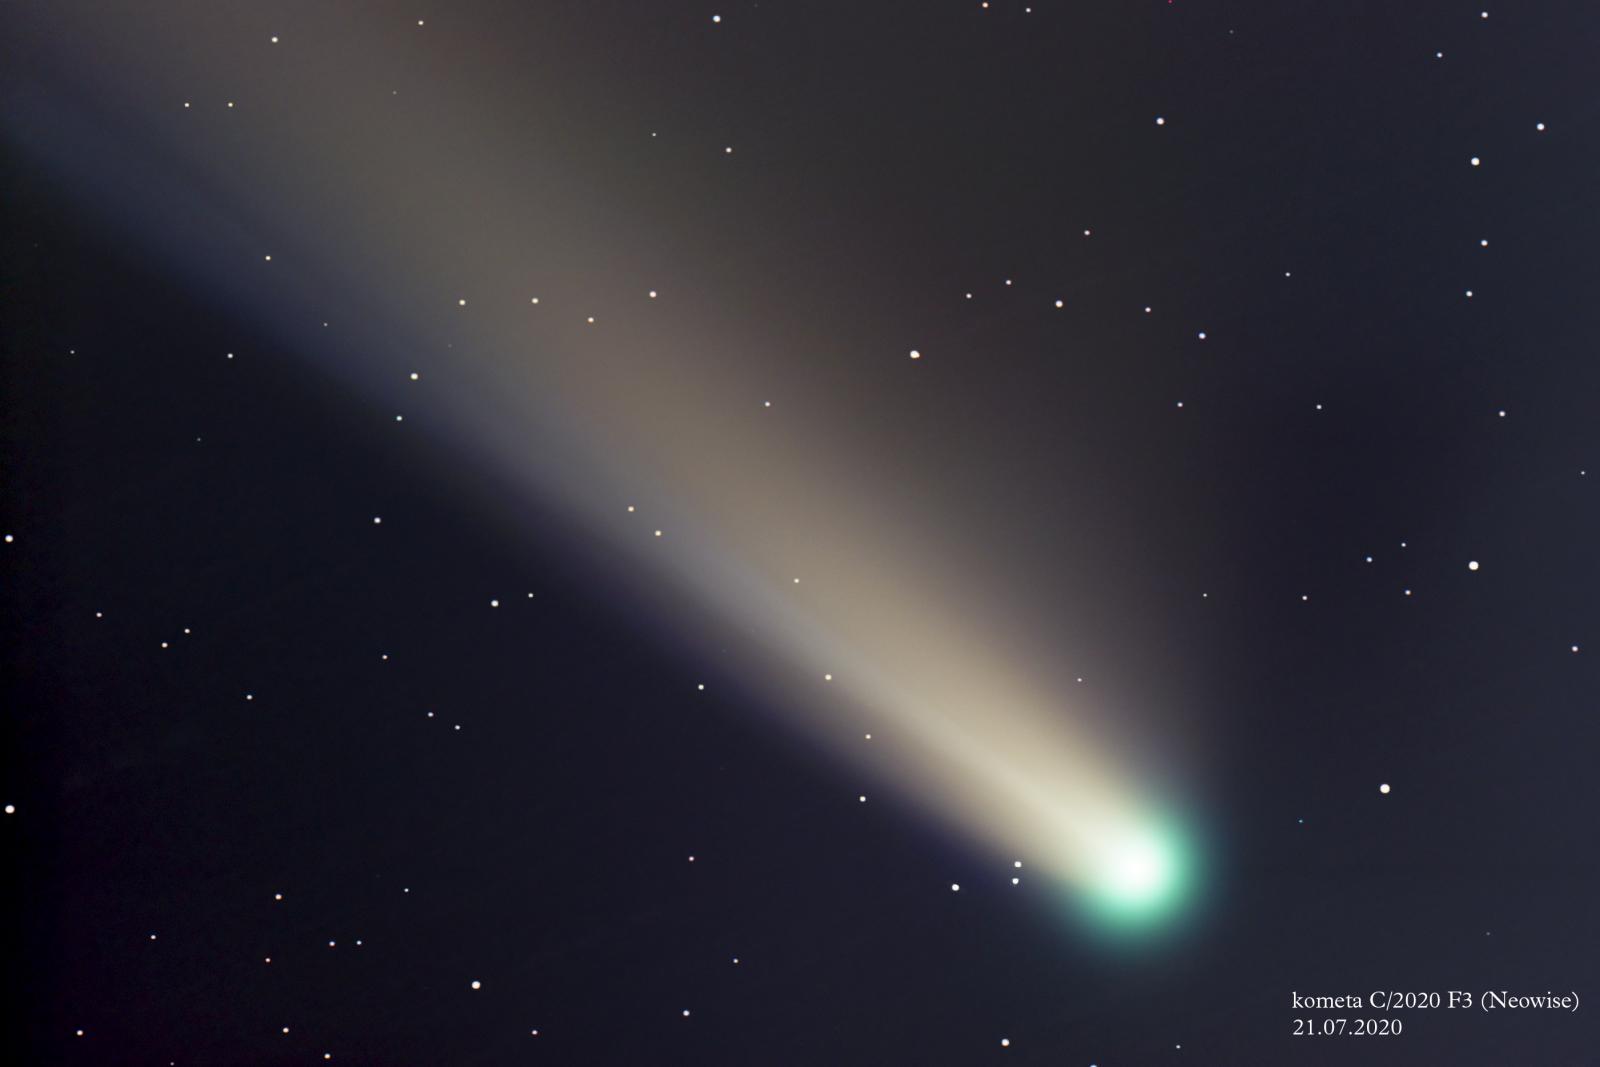 kometa_v1_z_podpisem.png